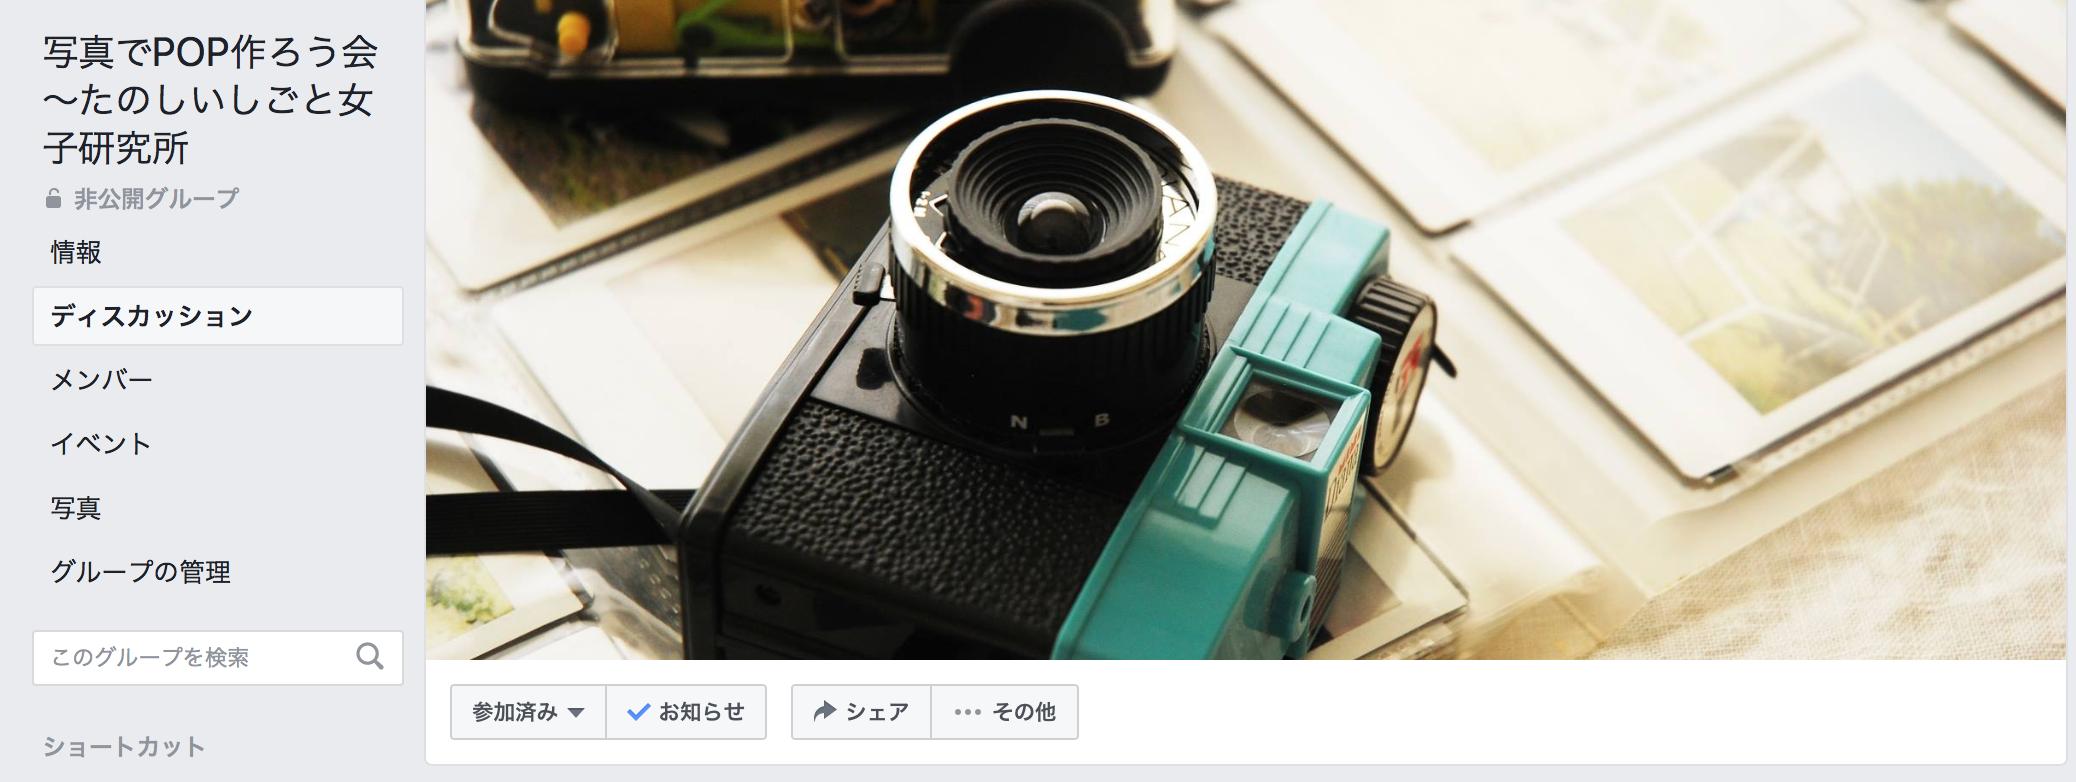 写真でPOP作ろう会トップ